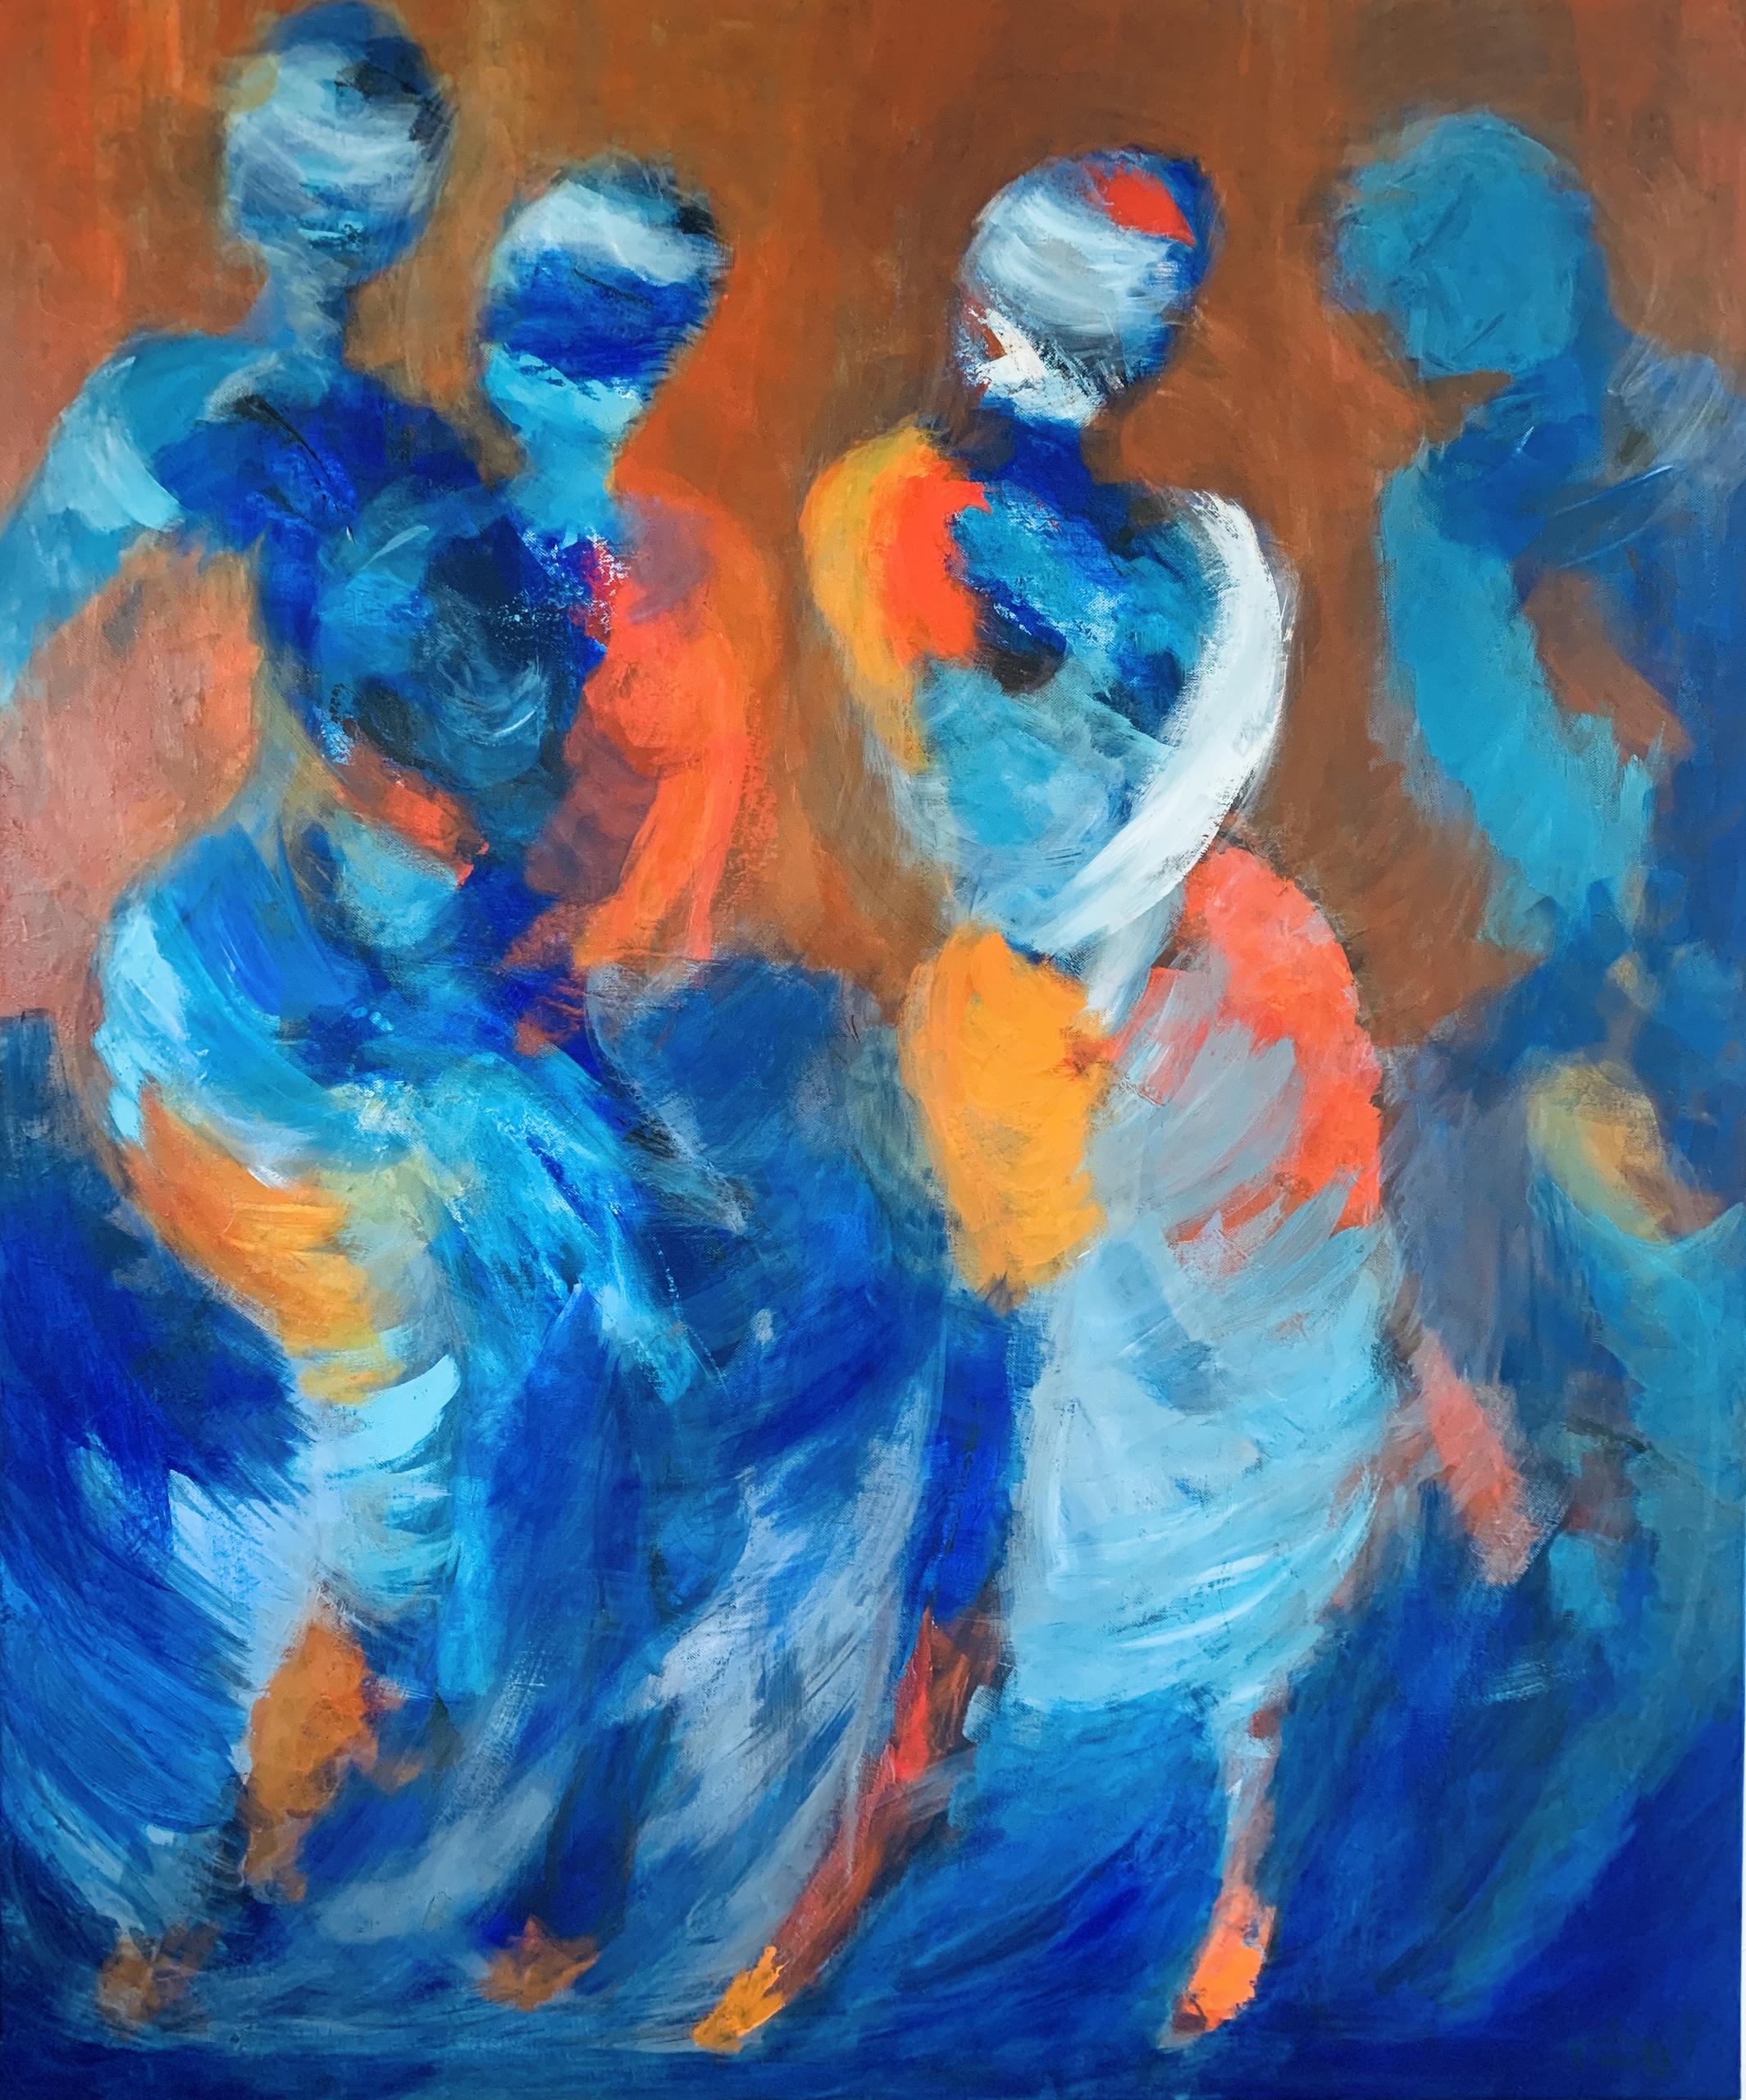 Jeg elsker at male mennesker i bevægelse. Du kan se flere dansemalerier i galleriet med malerier af dans